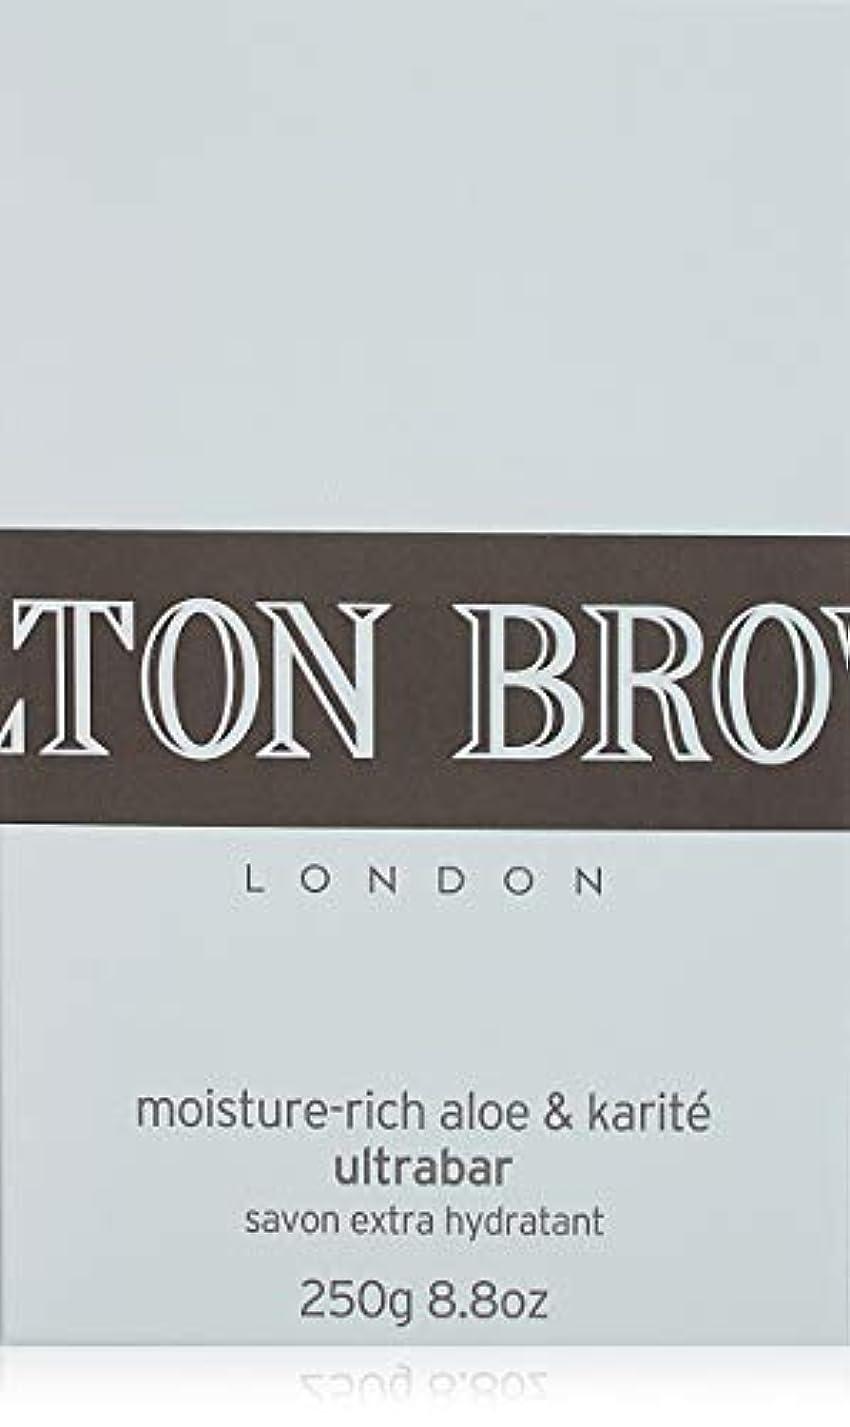 暴露裏切りツインMOLTON BROWN(モルトンブラウン) モイスチャーリッチ アロエ&カリテ ウルトラバー 250g